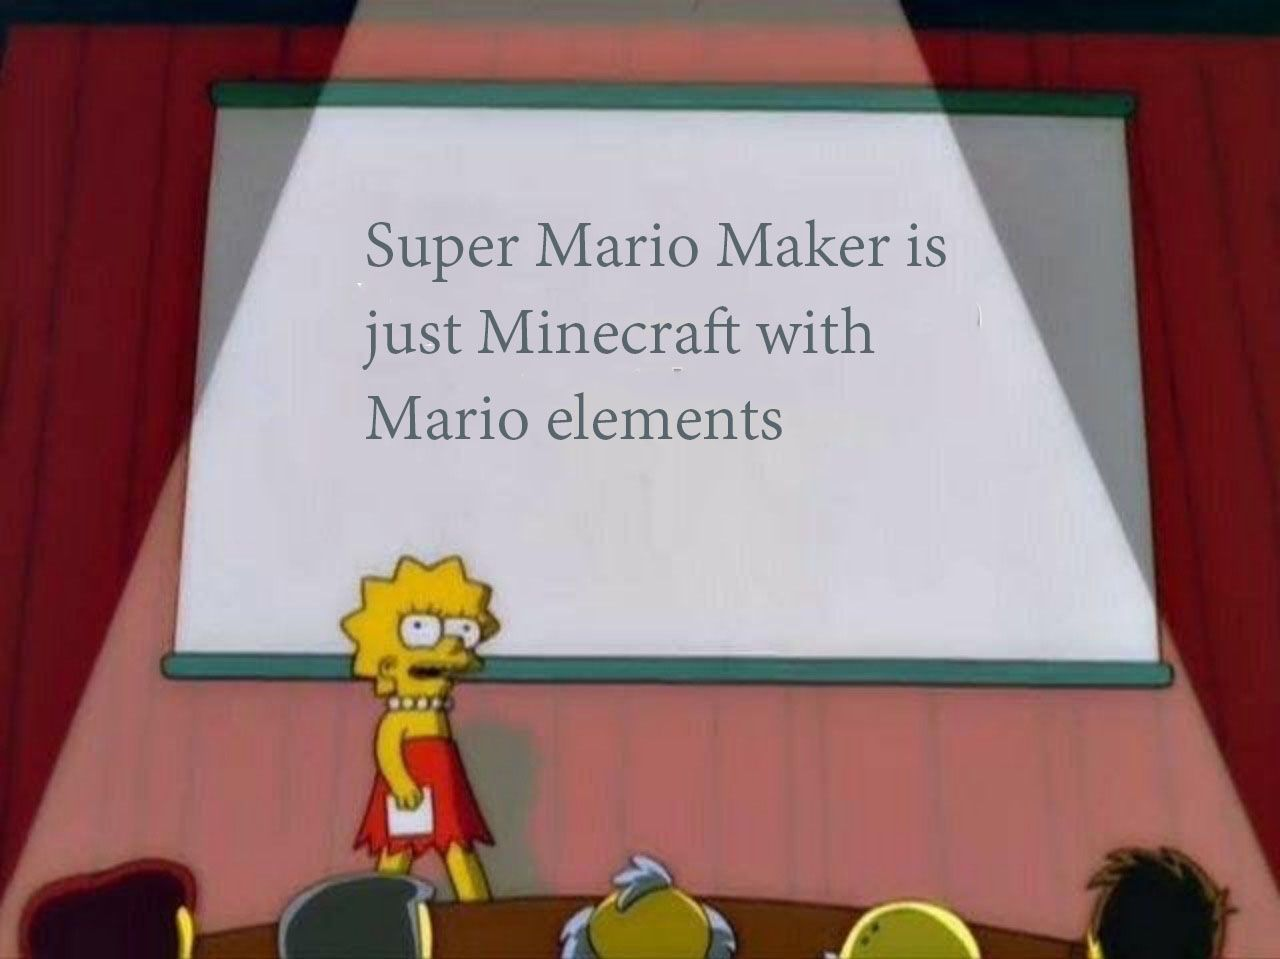 That´s funny Luigi...